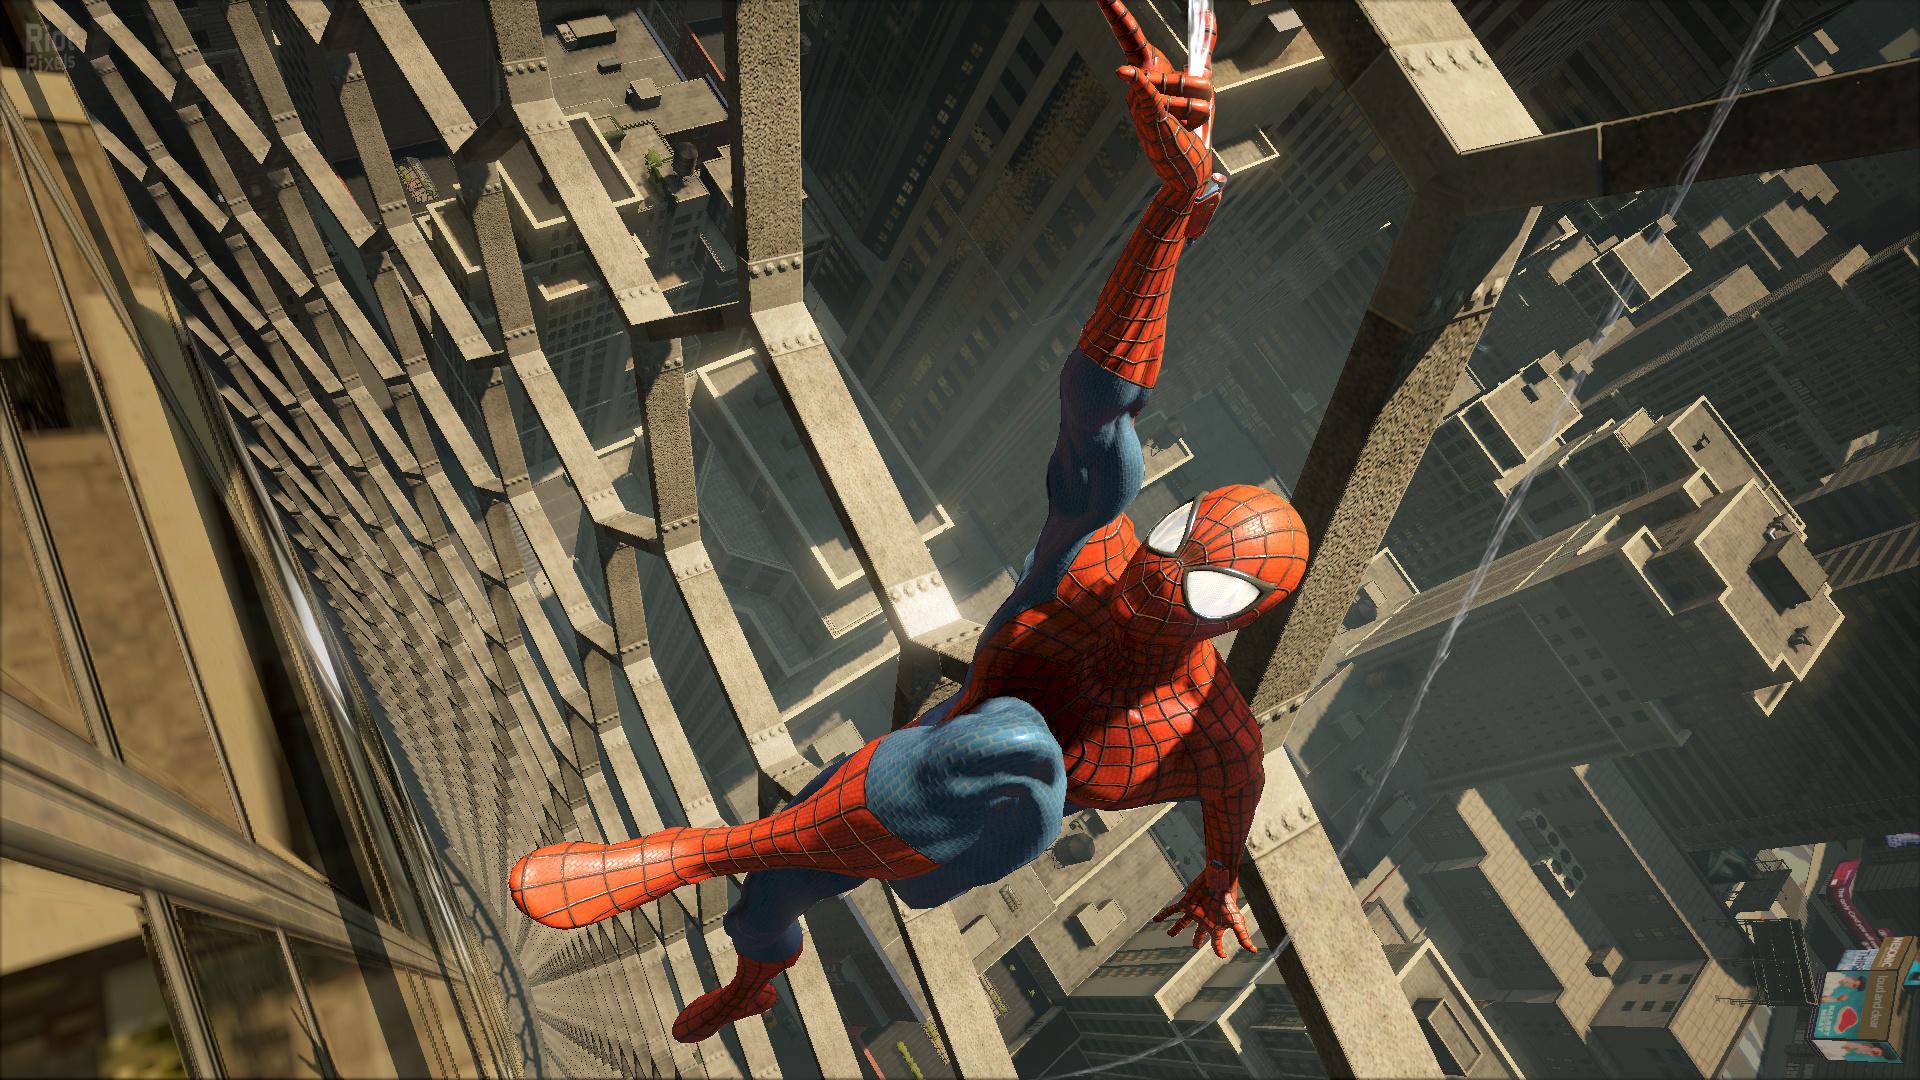 The amazing spider-man: новый трейлер и скриншоты!